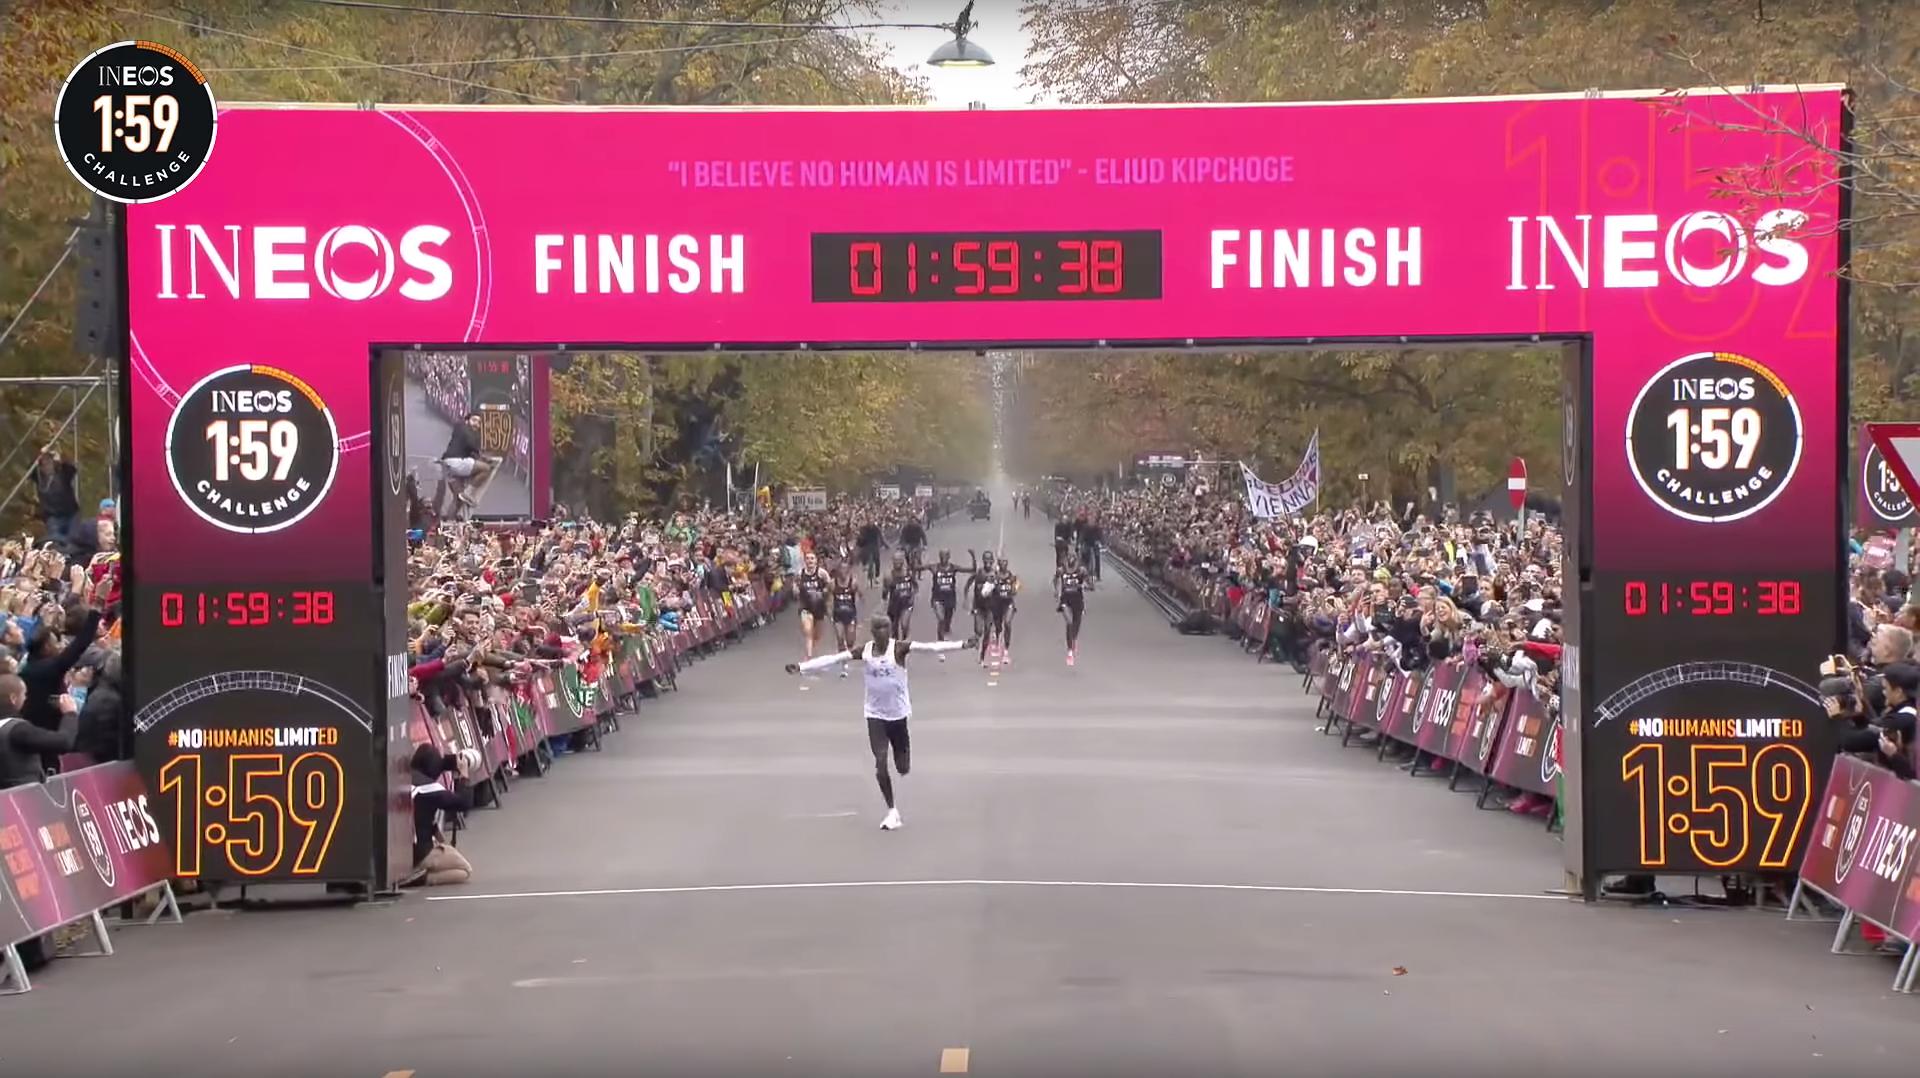 Eliud Kipchoge sätter världsrekord på maraton - under 2 timmar!